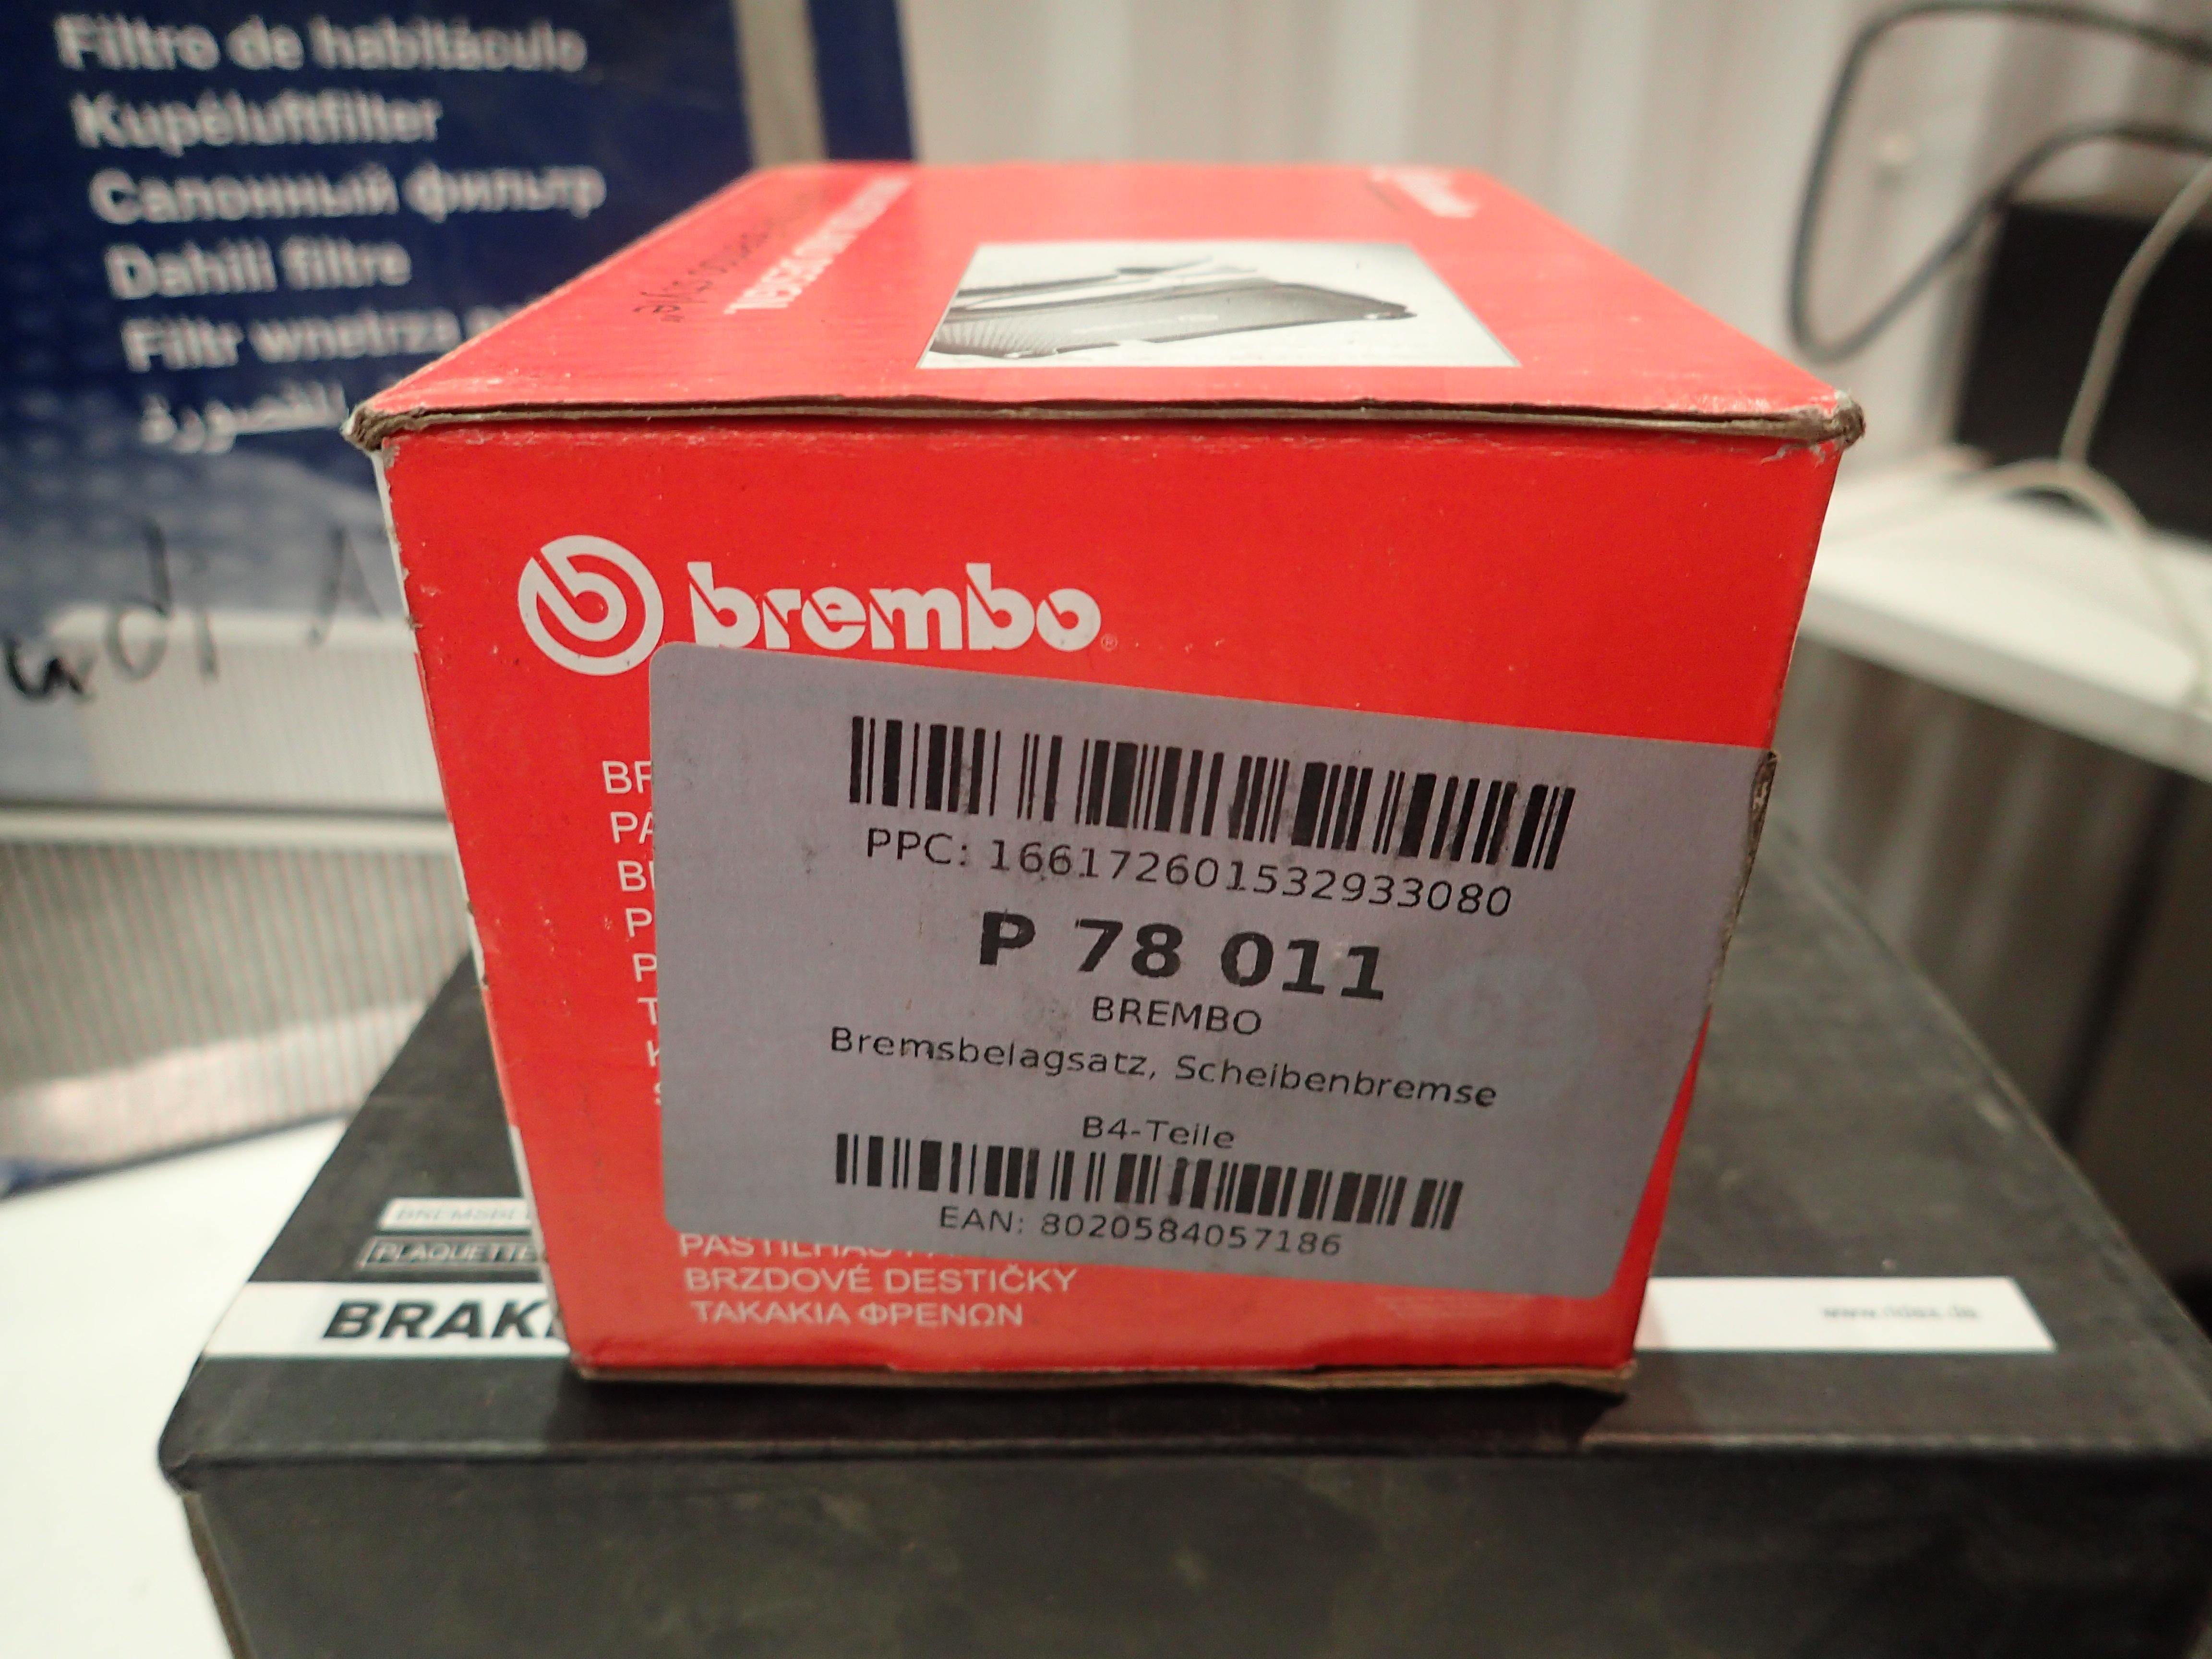 Brembo P 78 014 Bremsbelagsatz Scheibenbremse